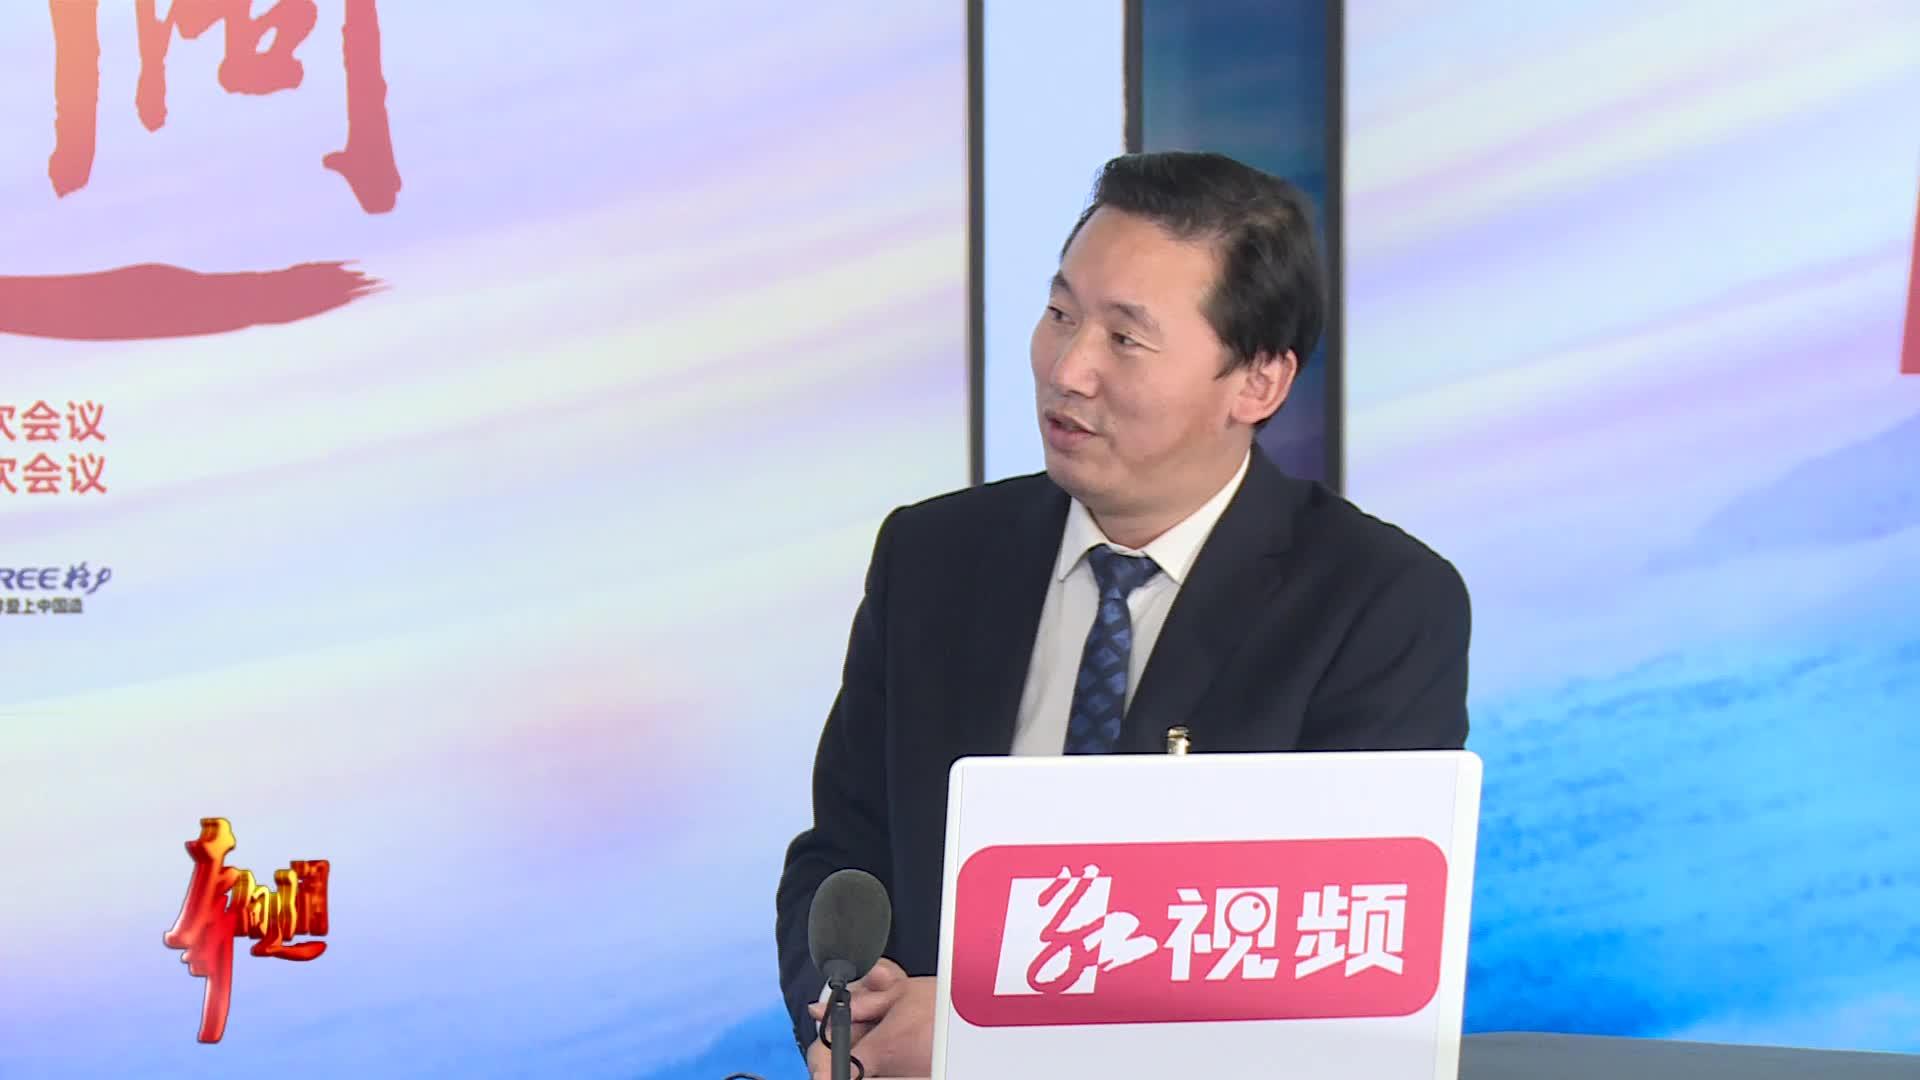 【奔向辽阔】两会访谈 谢良琼:湖南构建亲清新型政商关系有潜力可挖